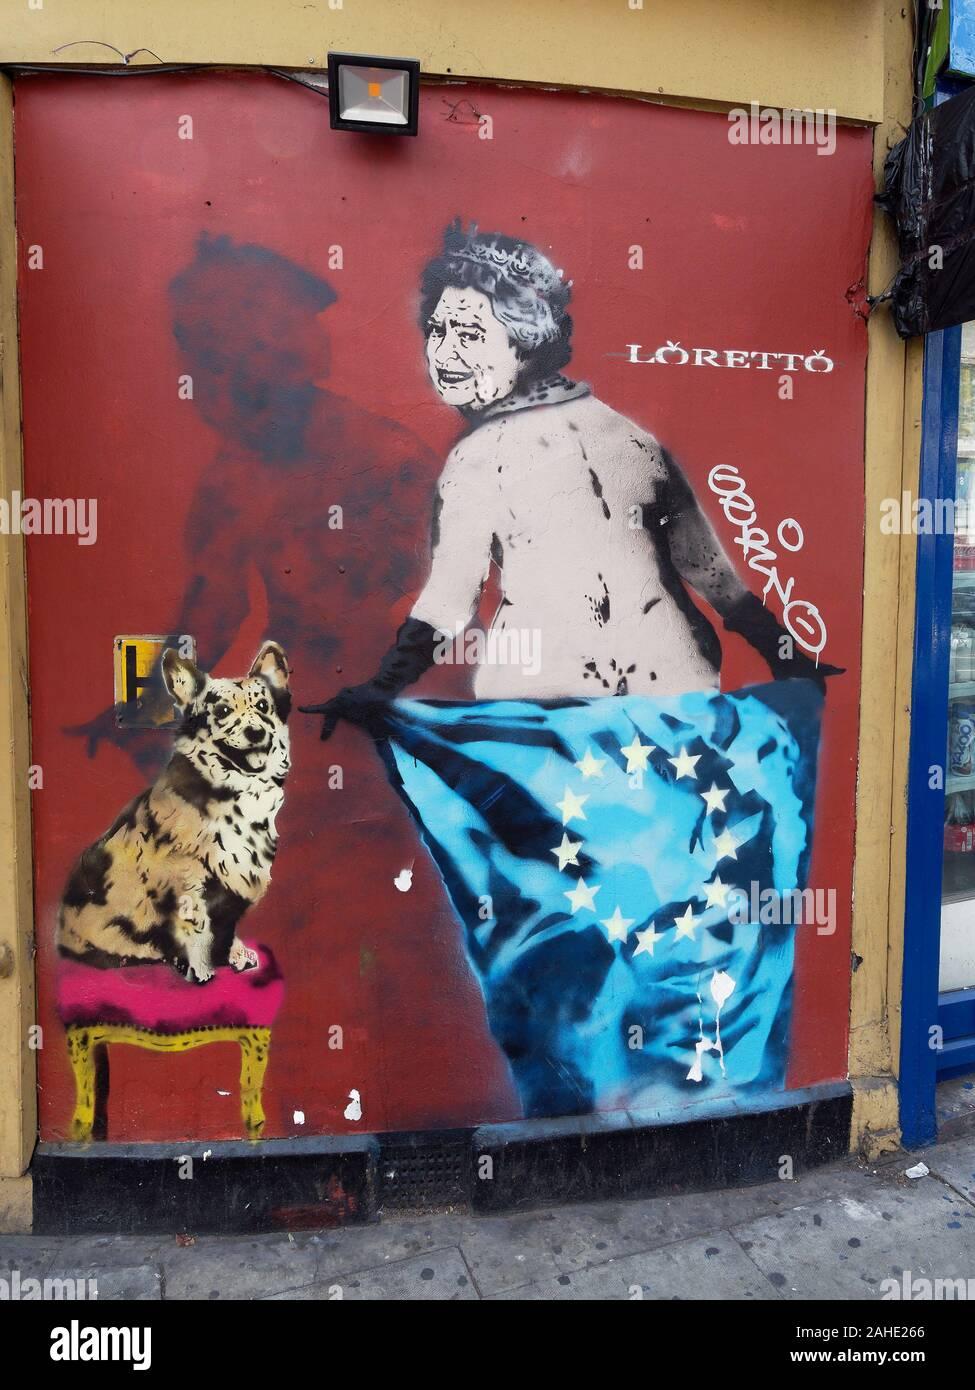 Graffiti street art satirique avec la reine Elizabeth II, corgie et drapeau de l'UE. Banque D'Images